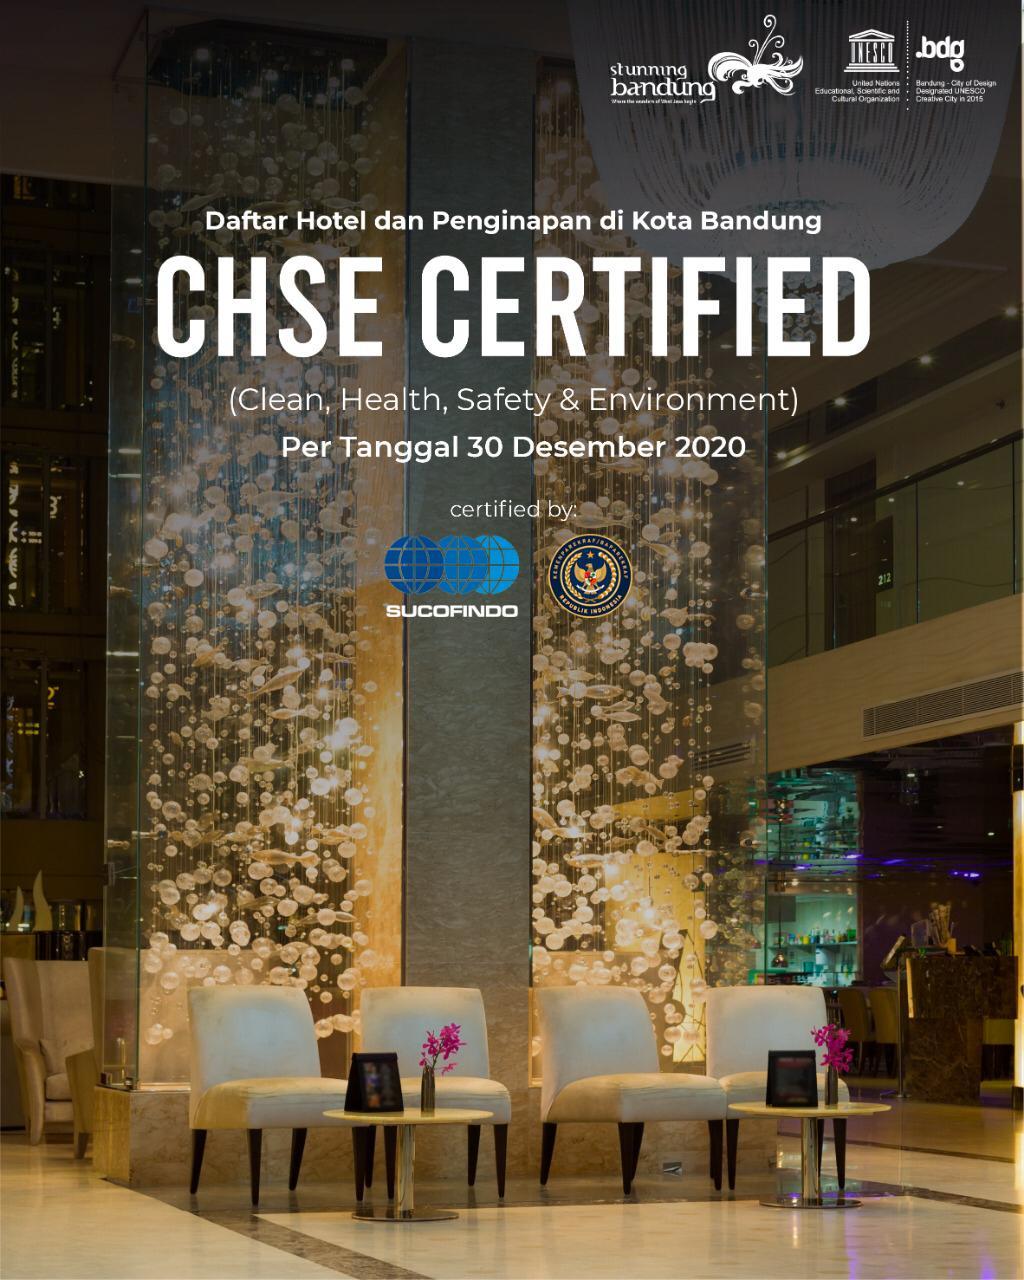 Daftar Hotel dan Penginapan di Kota Bandung yang telah Lolos Uji Sertfikasi CHSE Per 30 Desember 2020